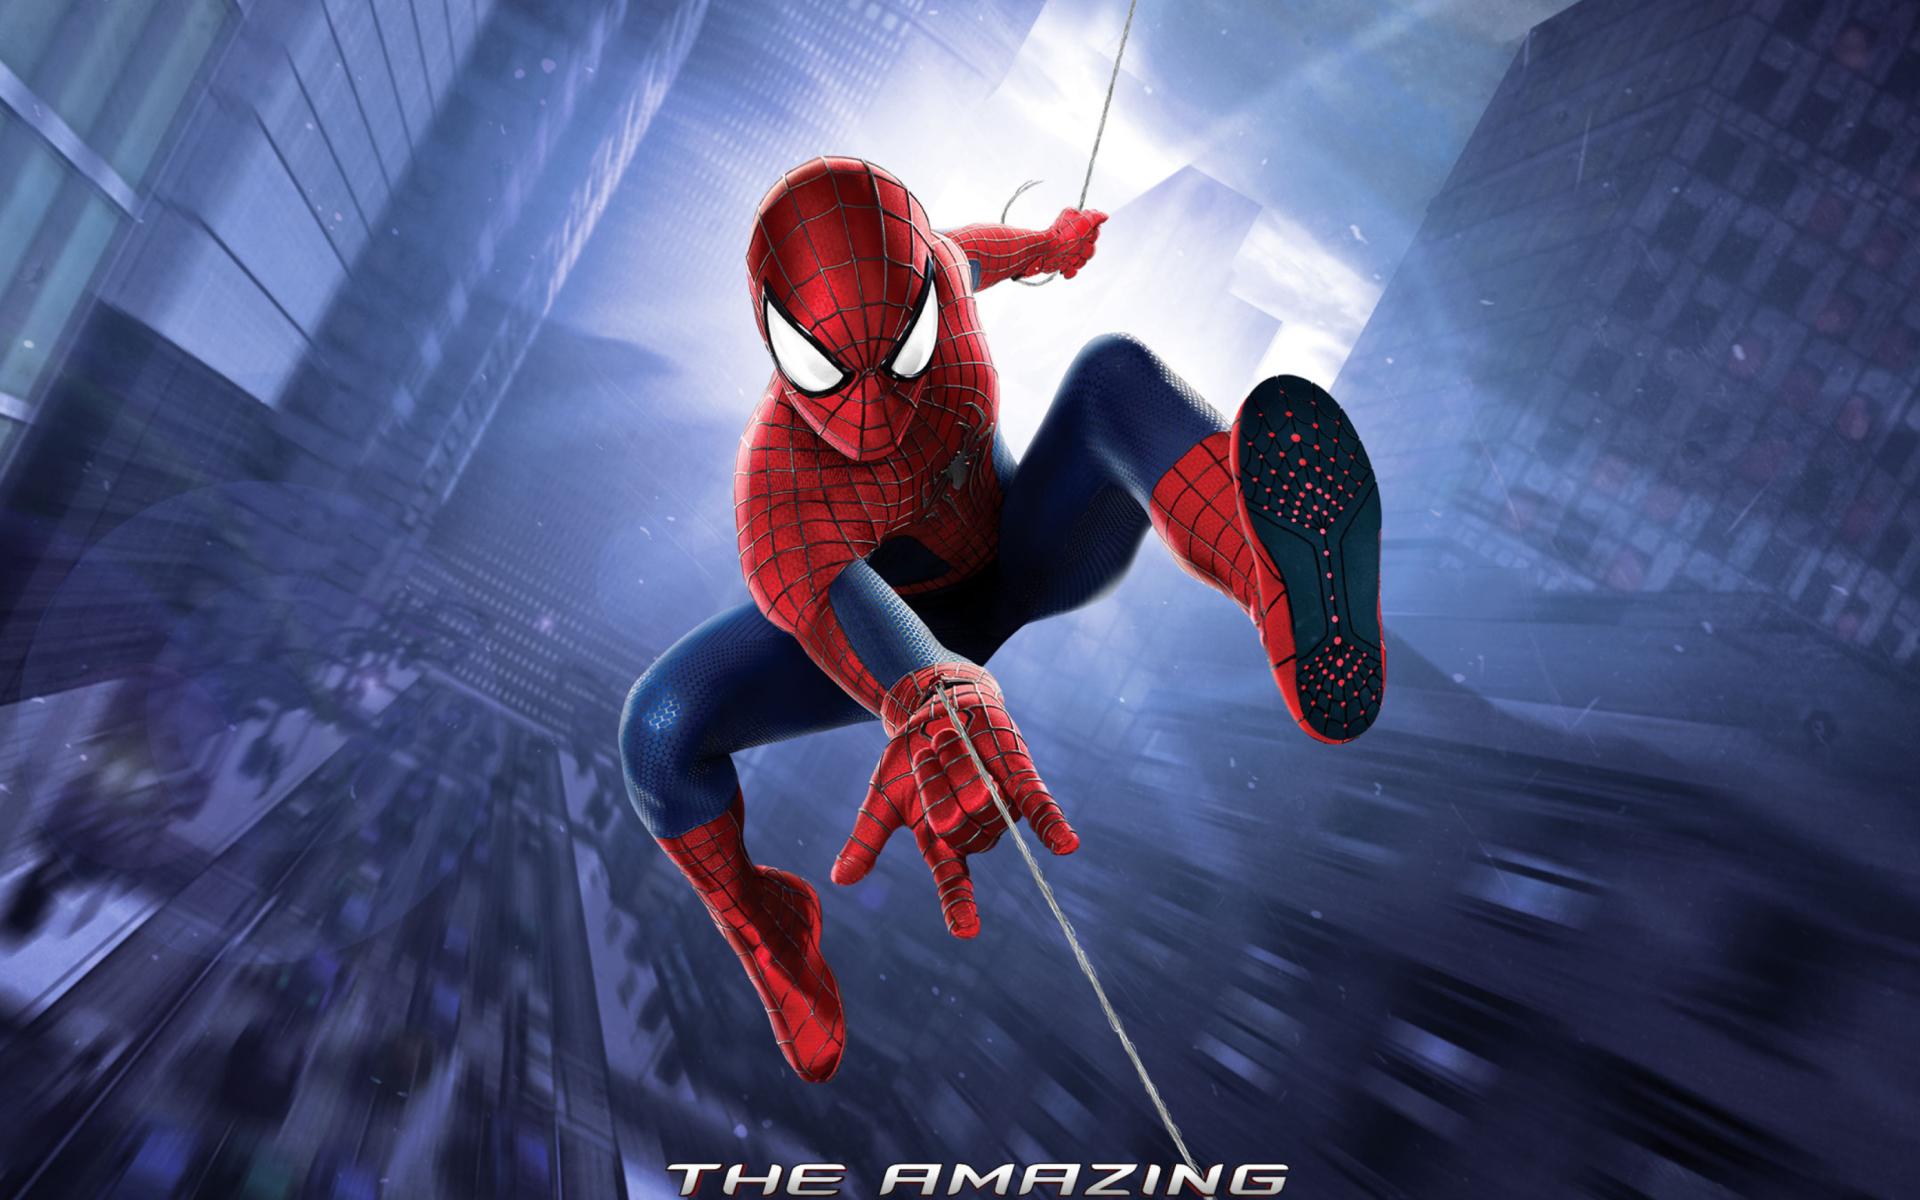 Amazing spiderman 2 fondos de pantalla gratis para for Fondos de spiderman